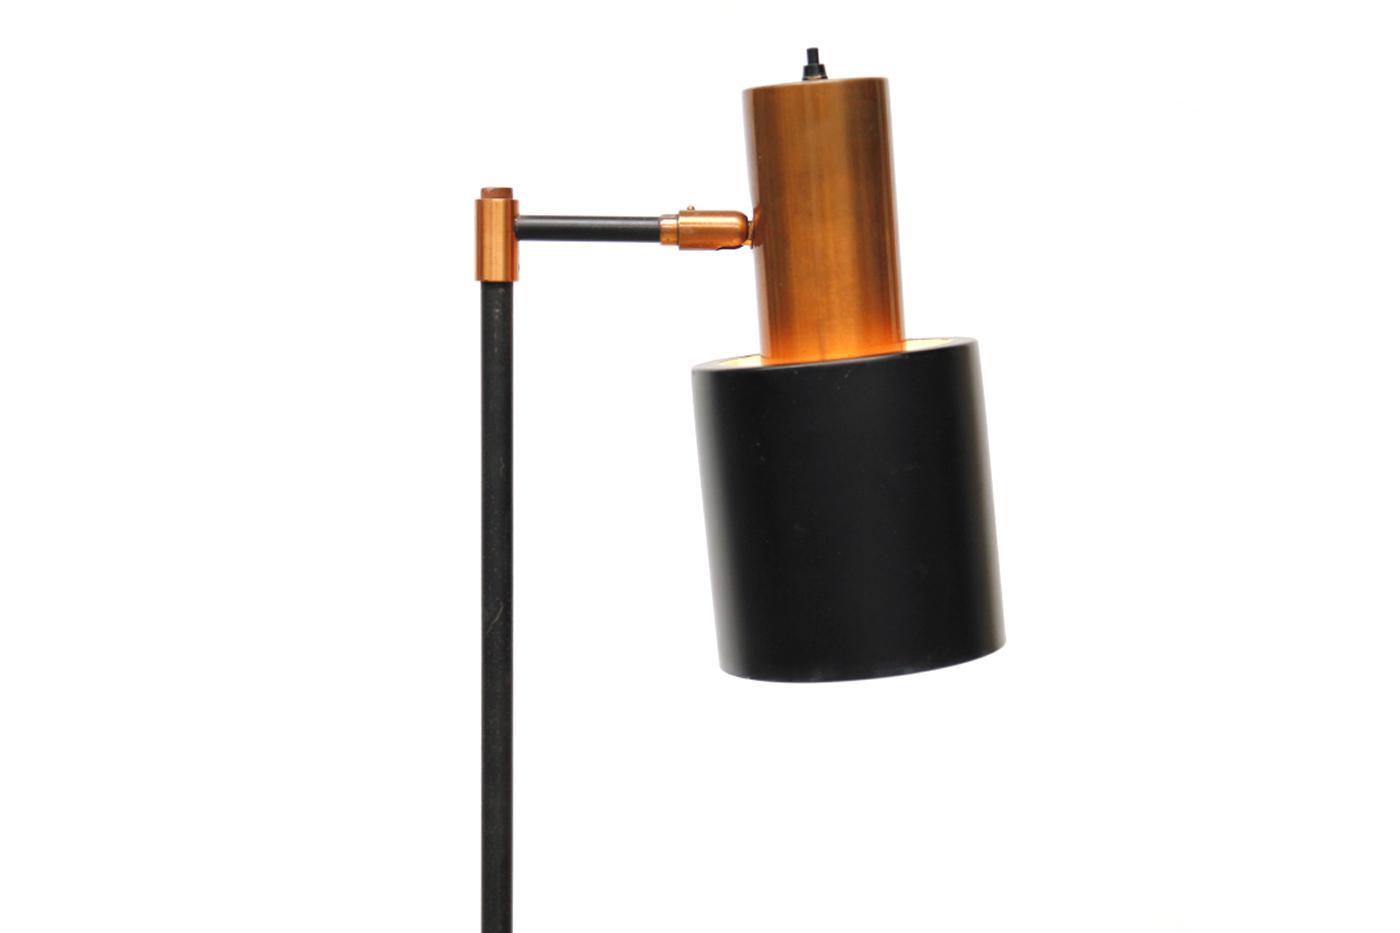 Jo hammerborg koperen studio vloerlamp van ons